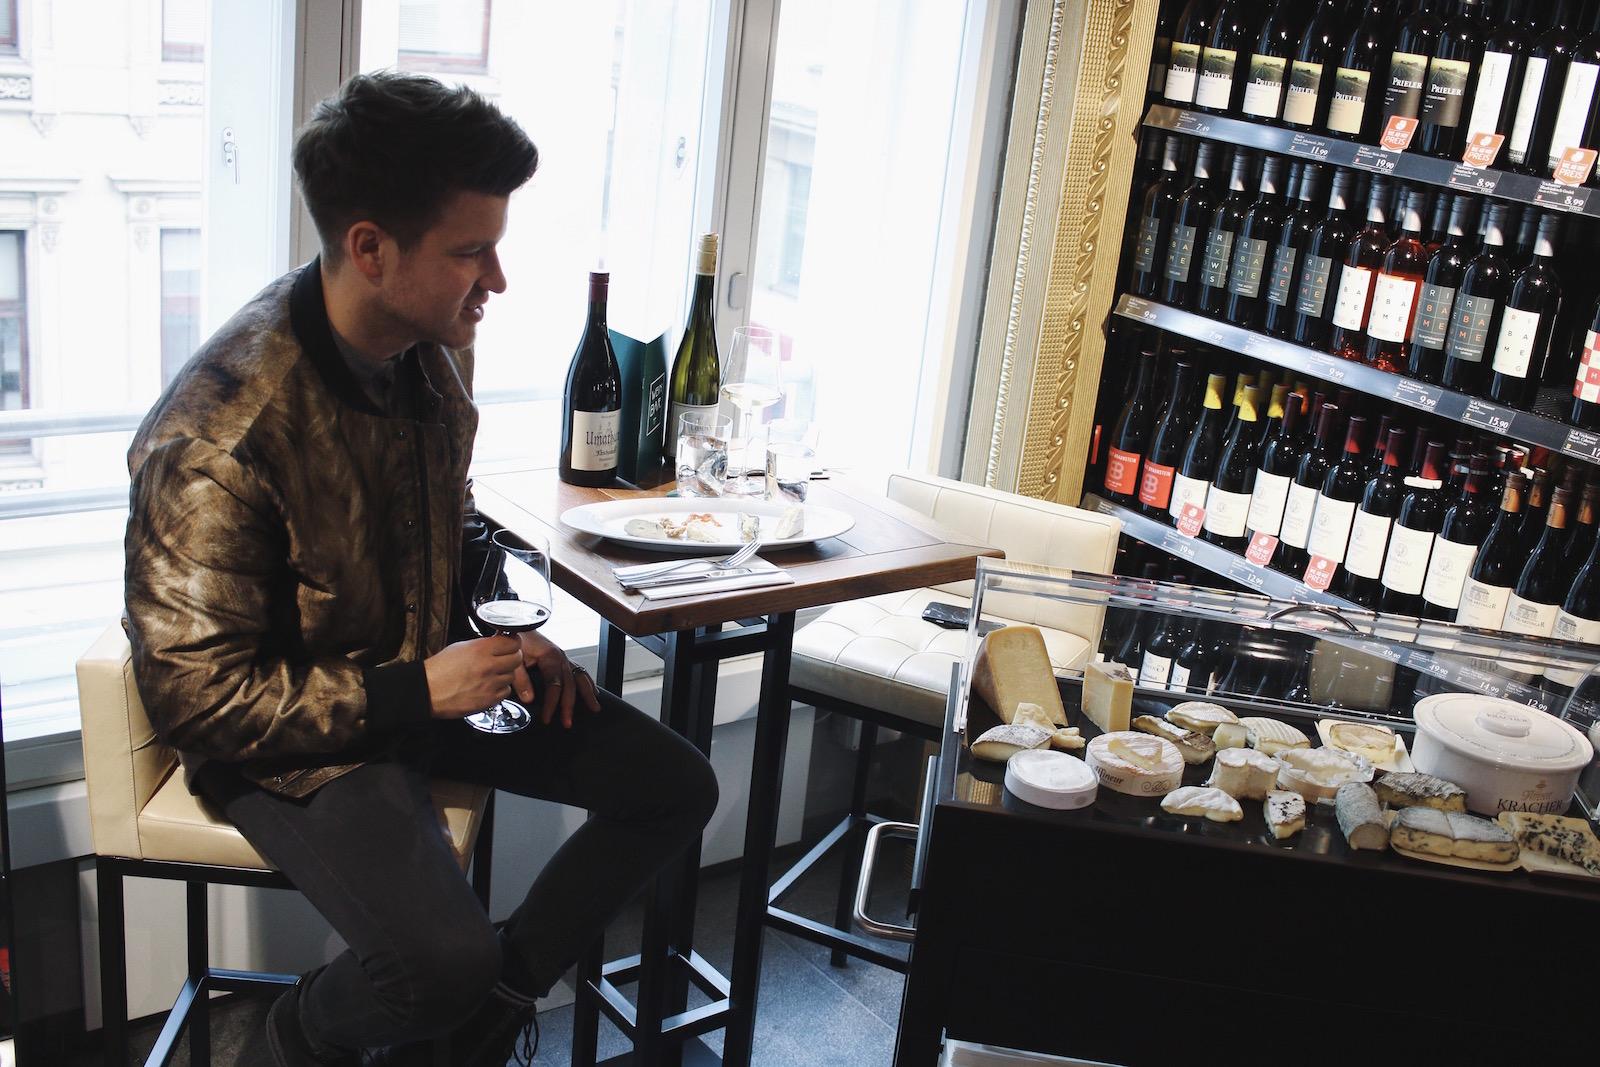 Weinbar im Merkur Hoher Markt_Restauranttest Review Weinverkostung Mittagsmenü_Wien erster Bezirk_Meanwhile in Awesometown_Wiener Männerblog Modeblog Lifestyleblog für Männer11